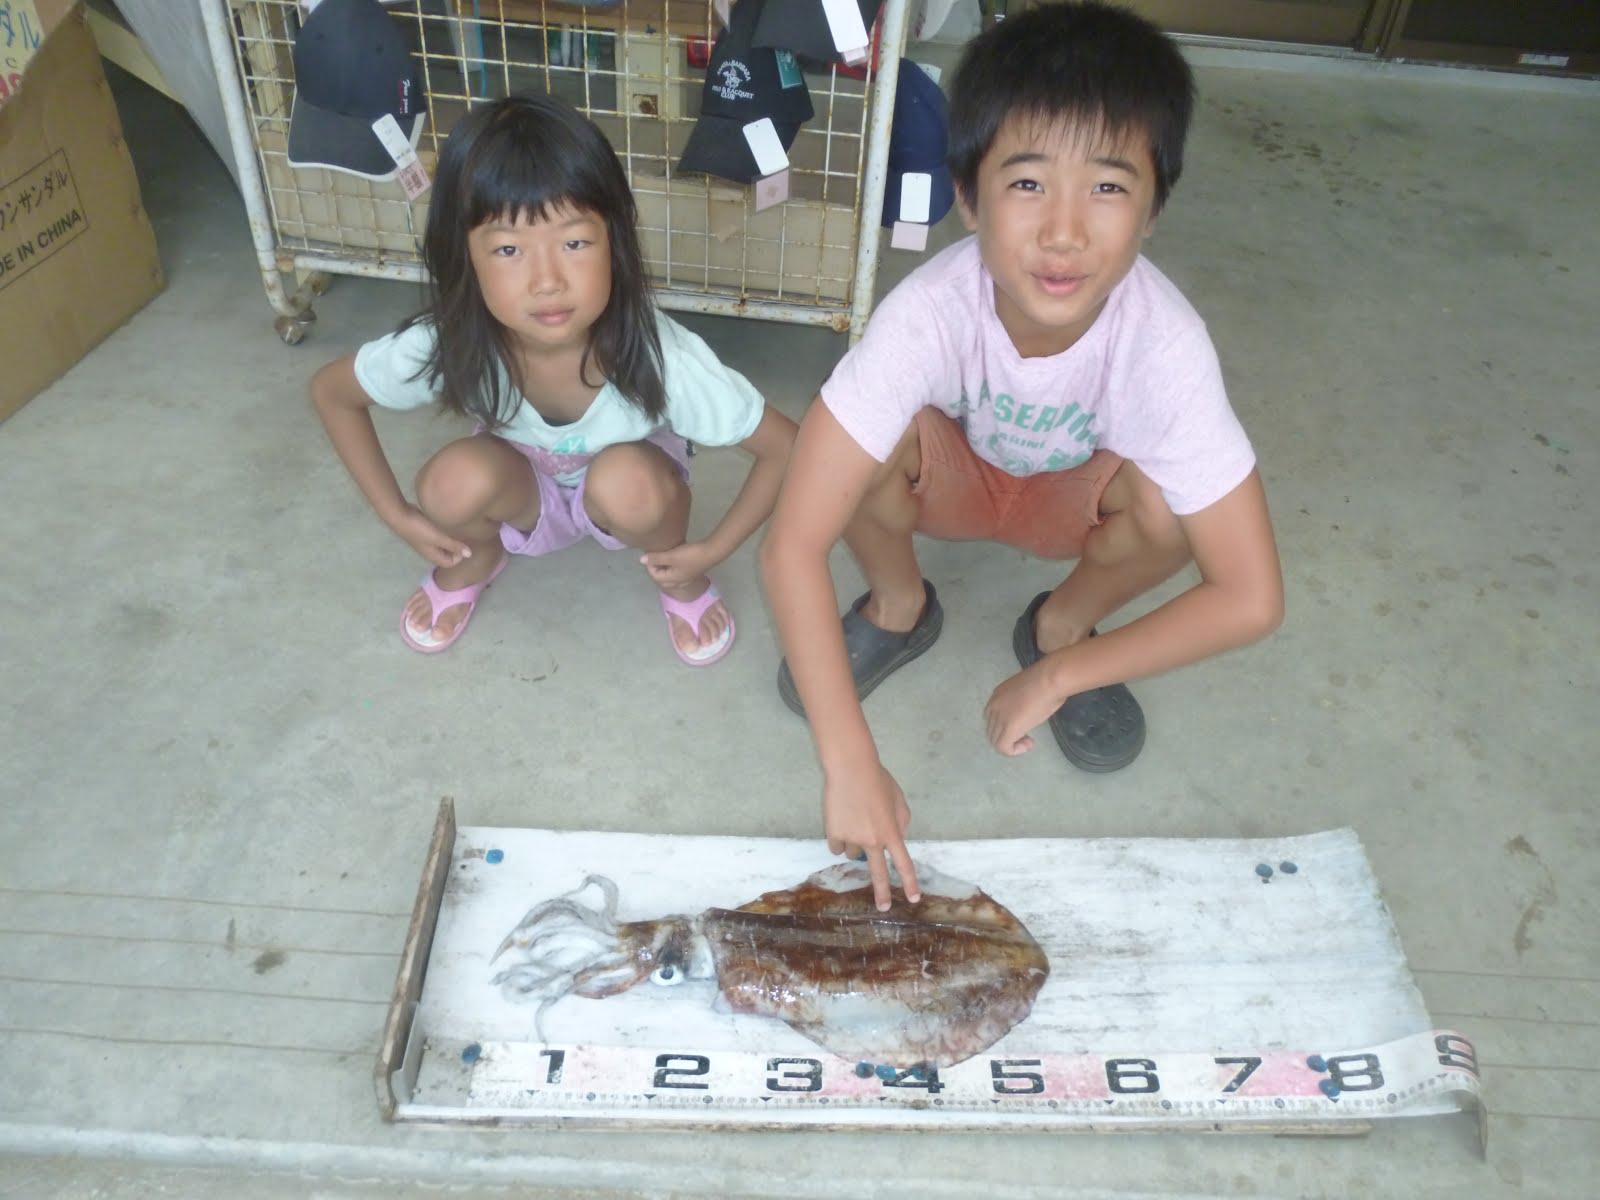 【種子島釣果情報】: 小学生が西之表新港でキロオーバーのアオリイカをゲ...  小学生が西之表新